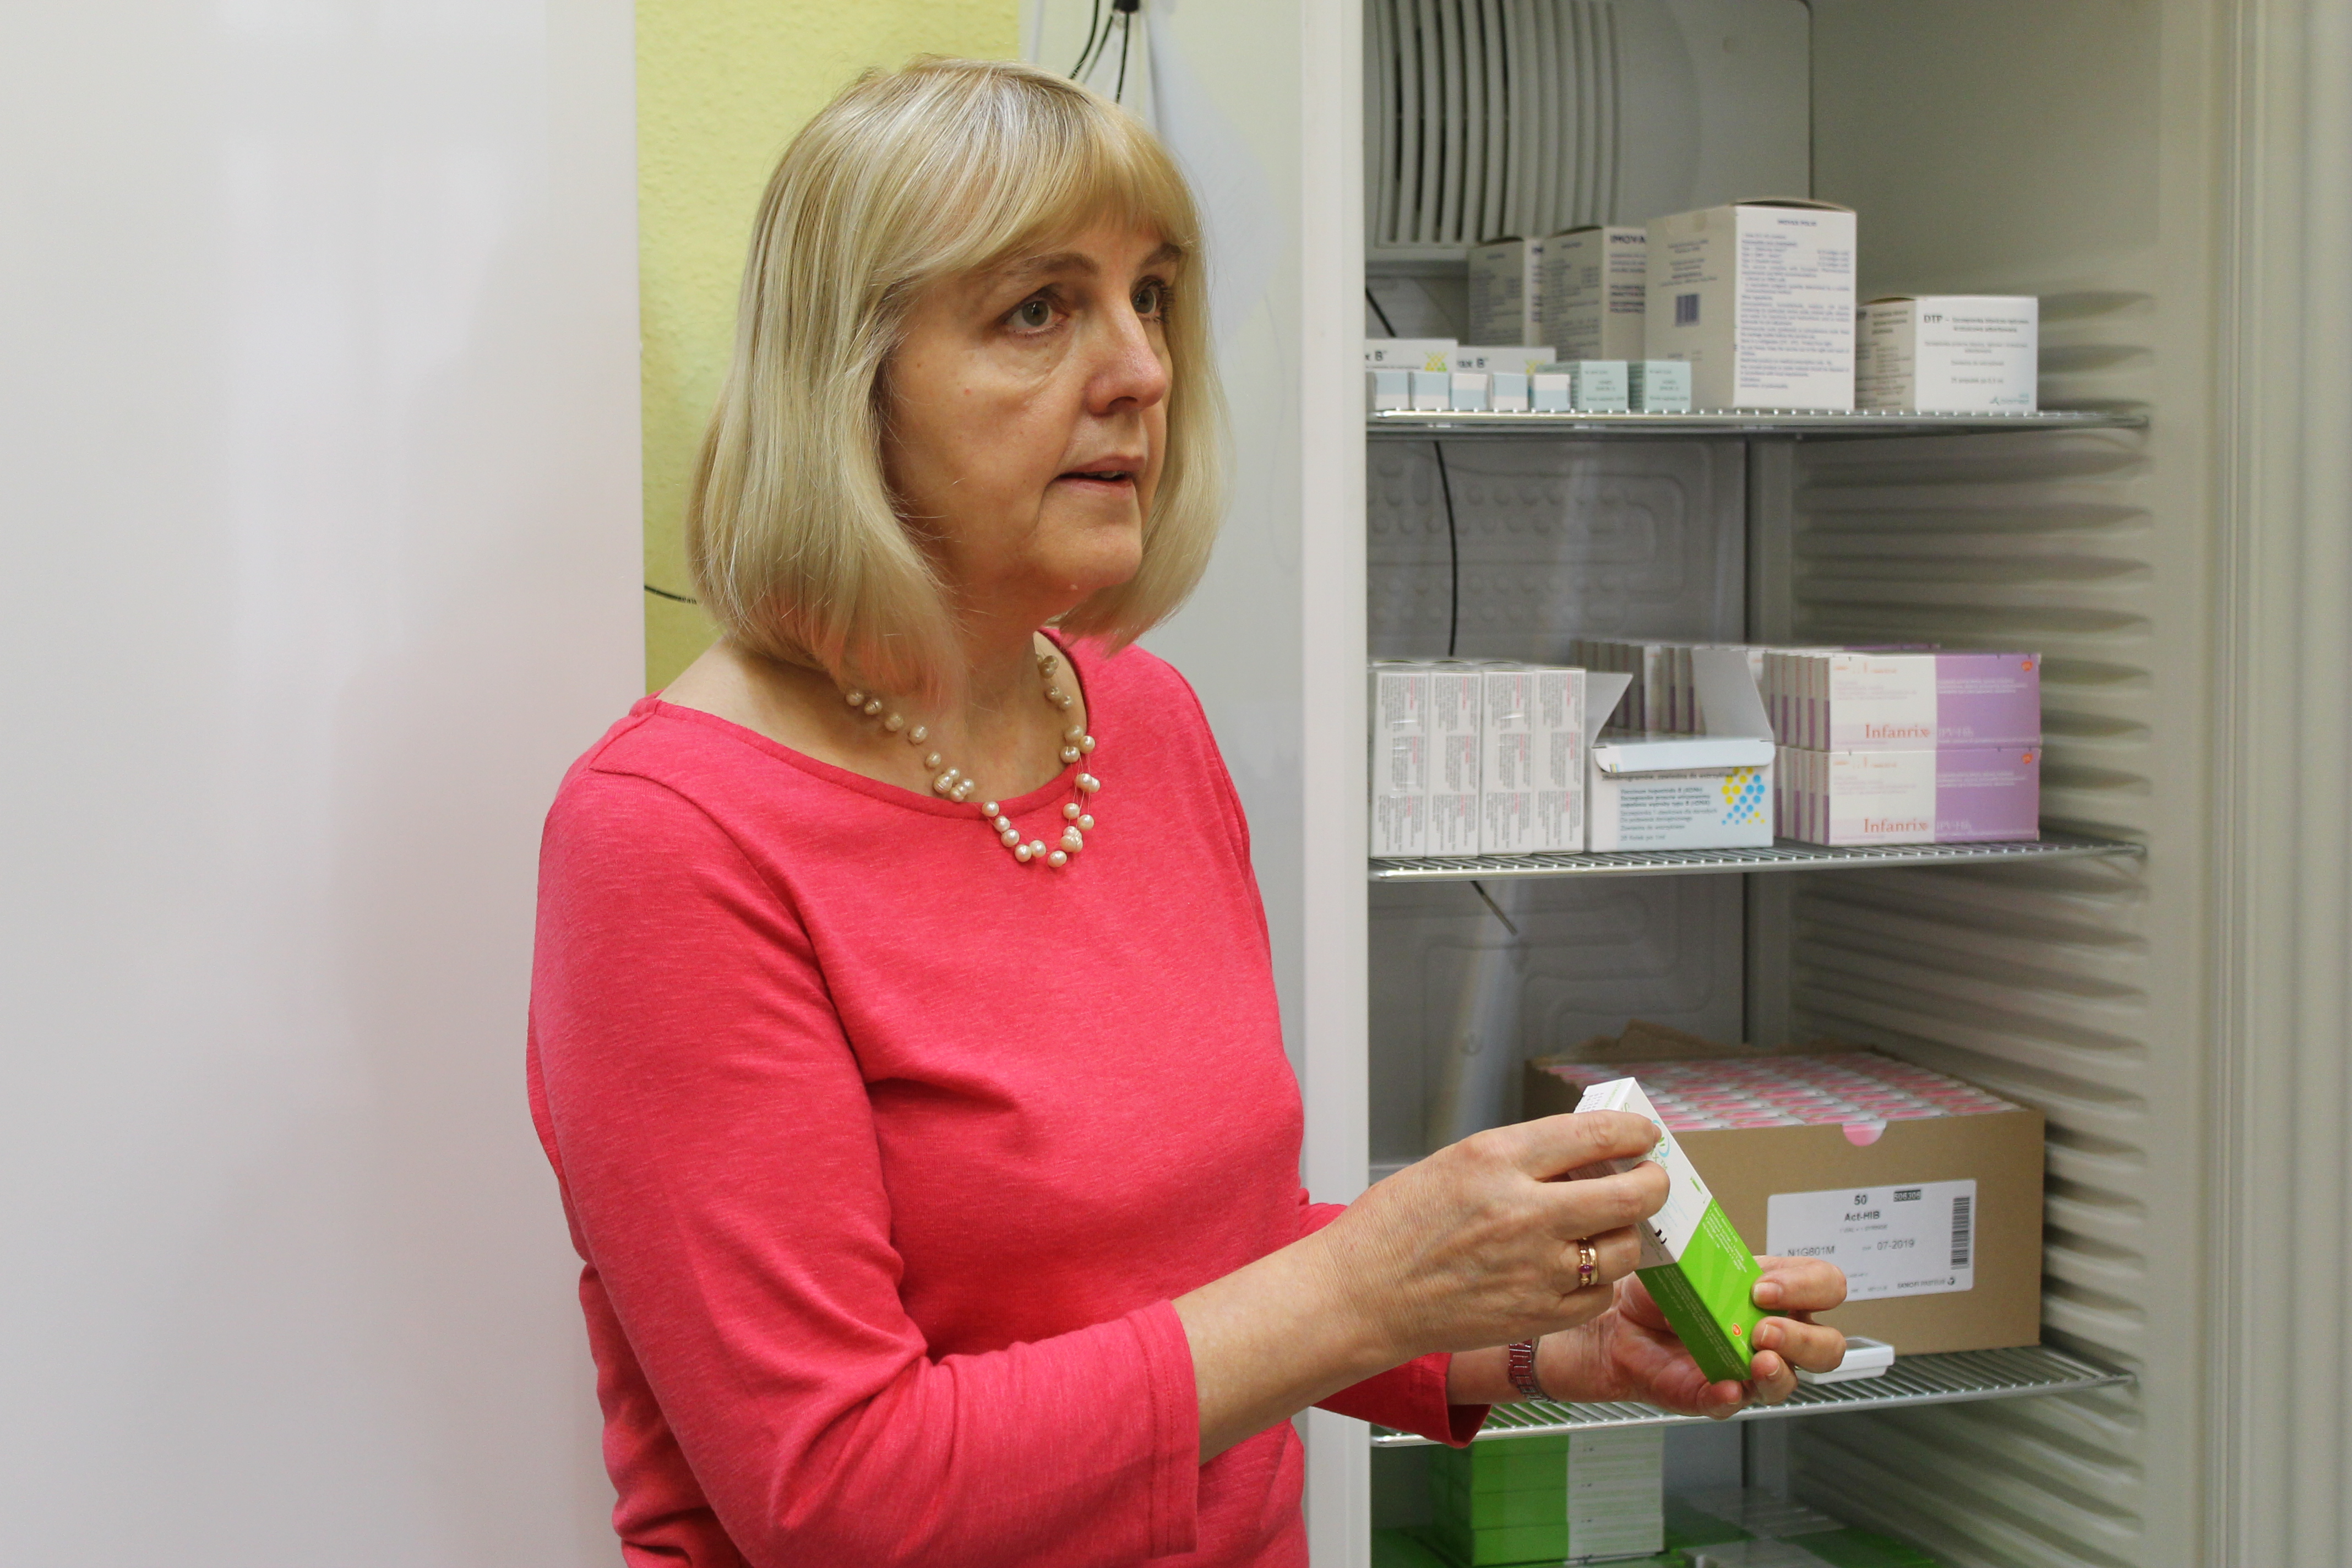 Bezpłatne szczepienia dla maluchów (WIDEO)